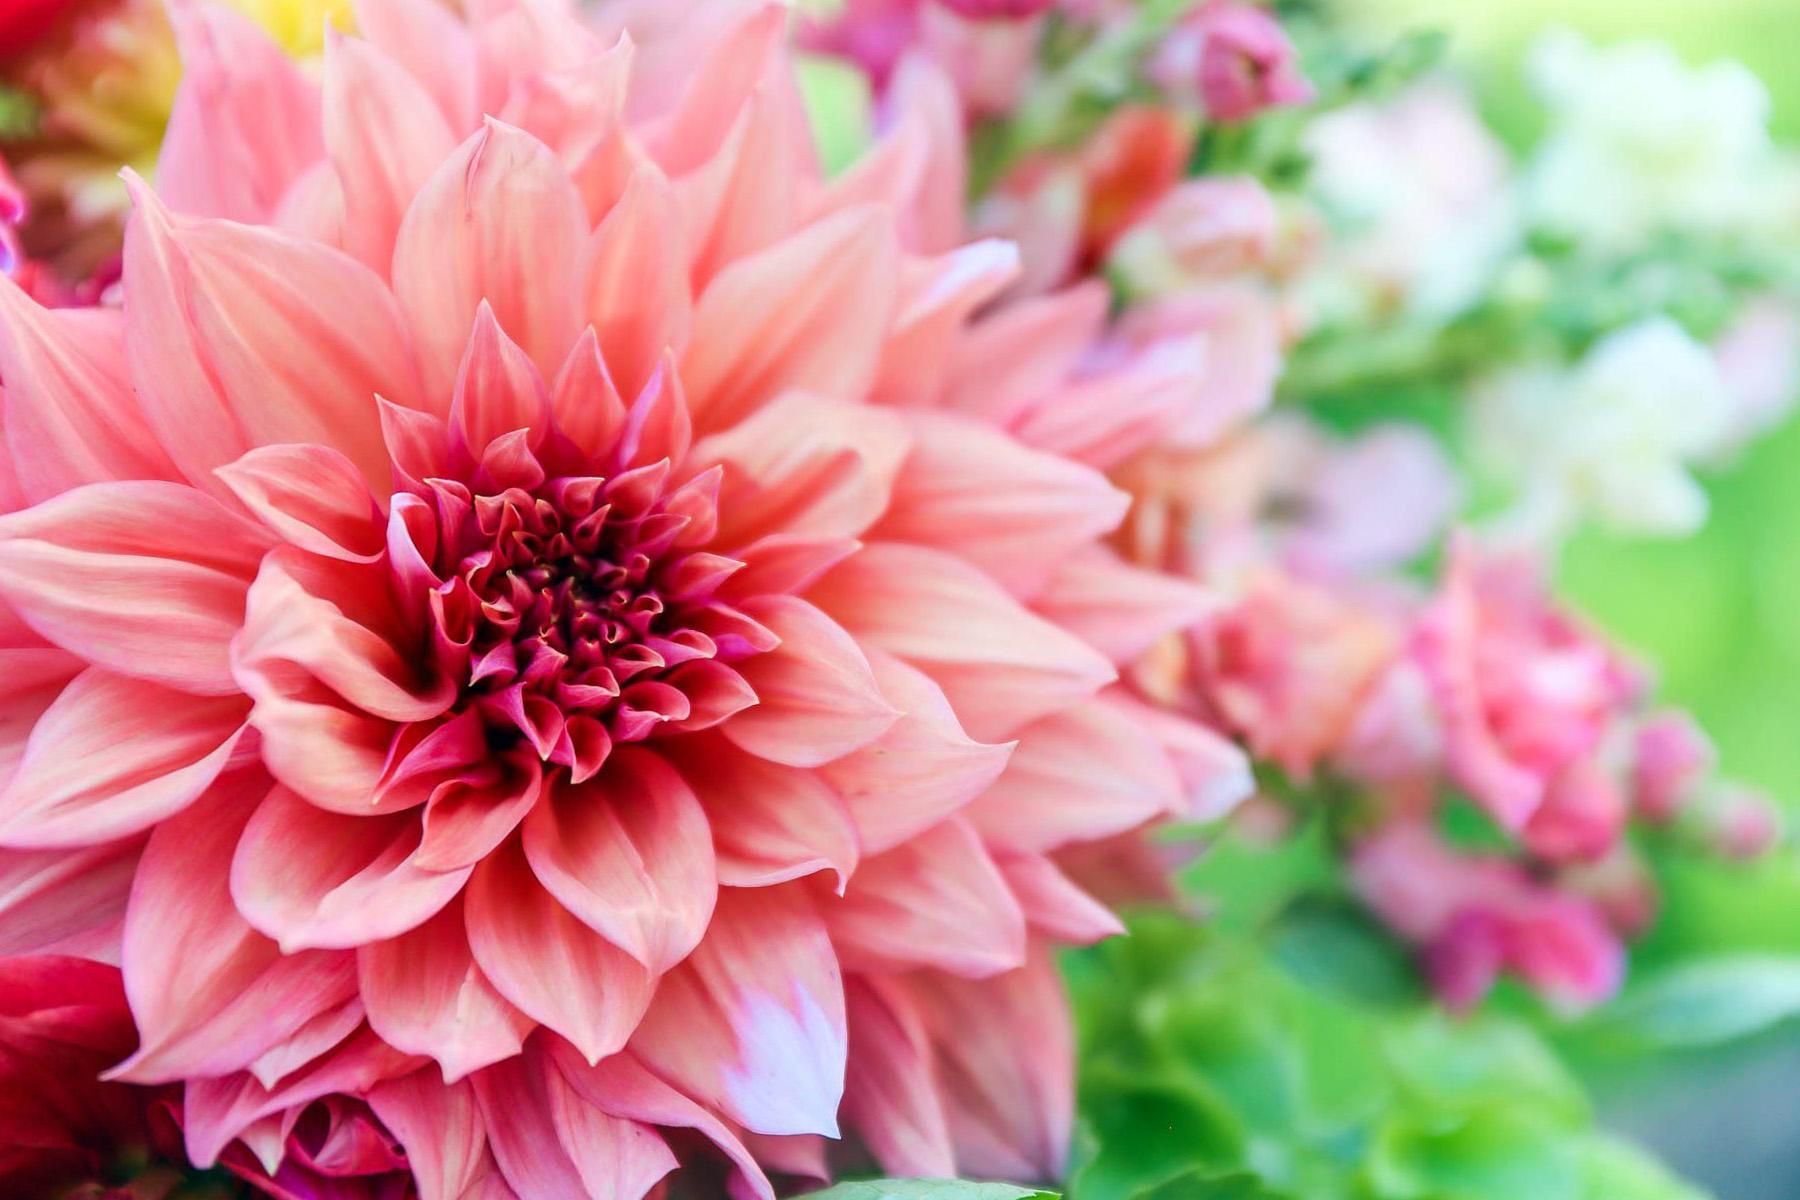 Gėlė chrizantema (didelis žiedas)